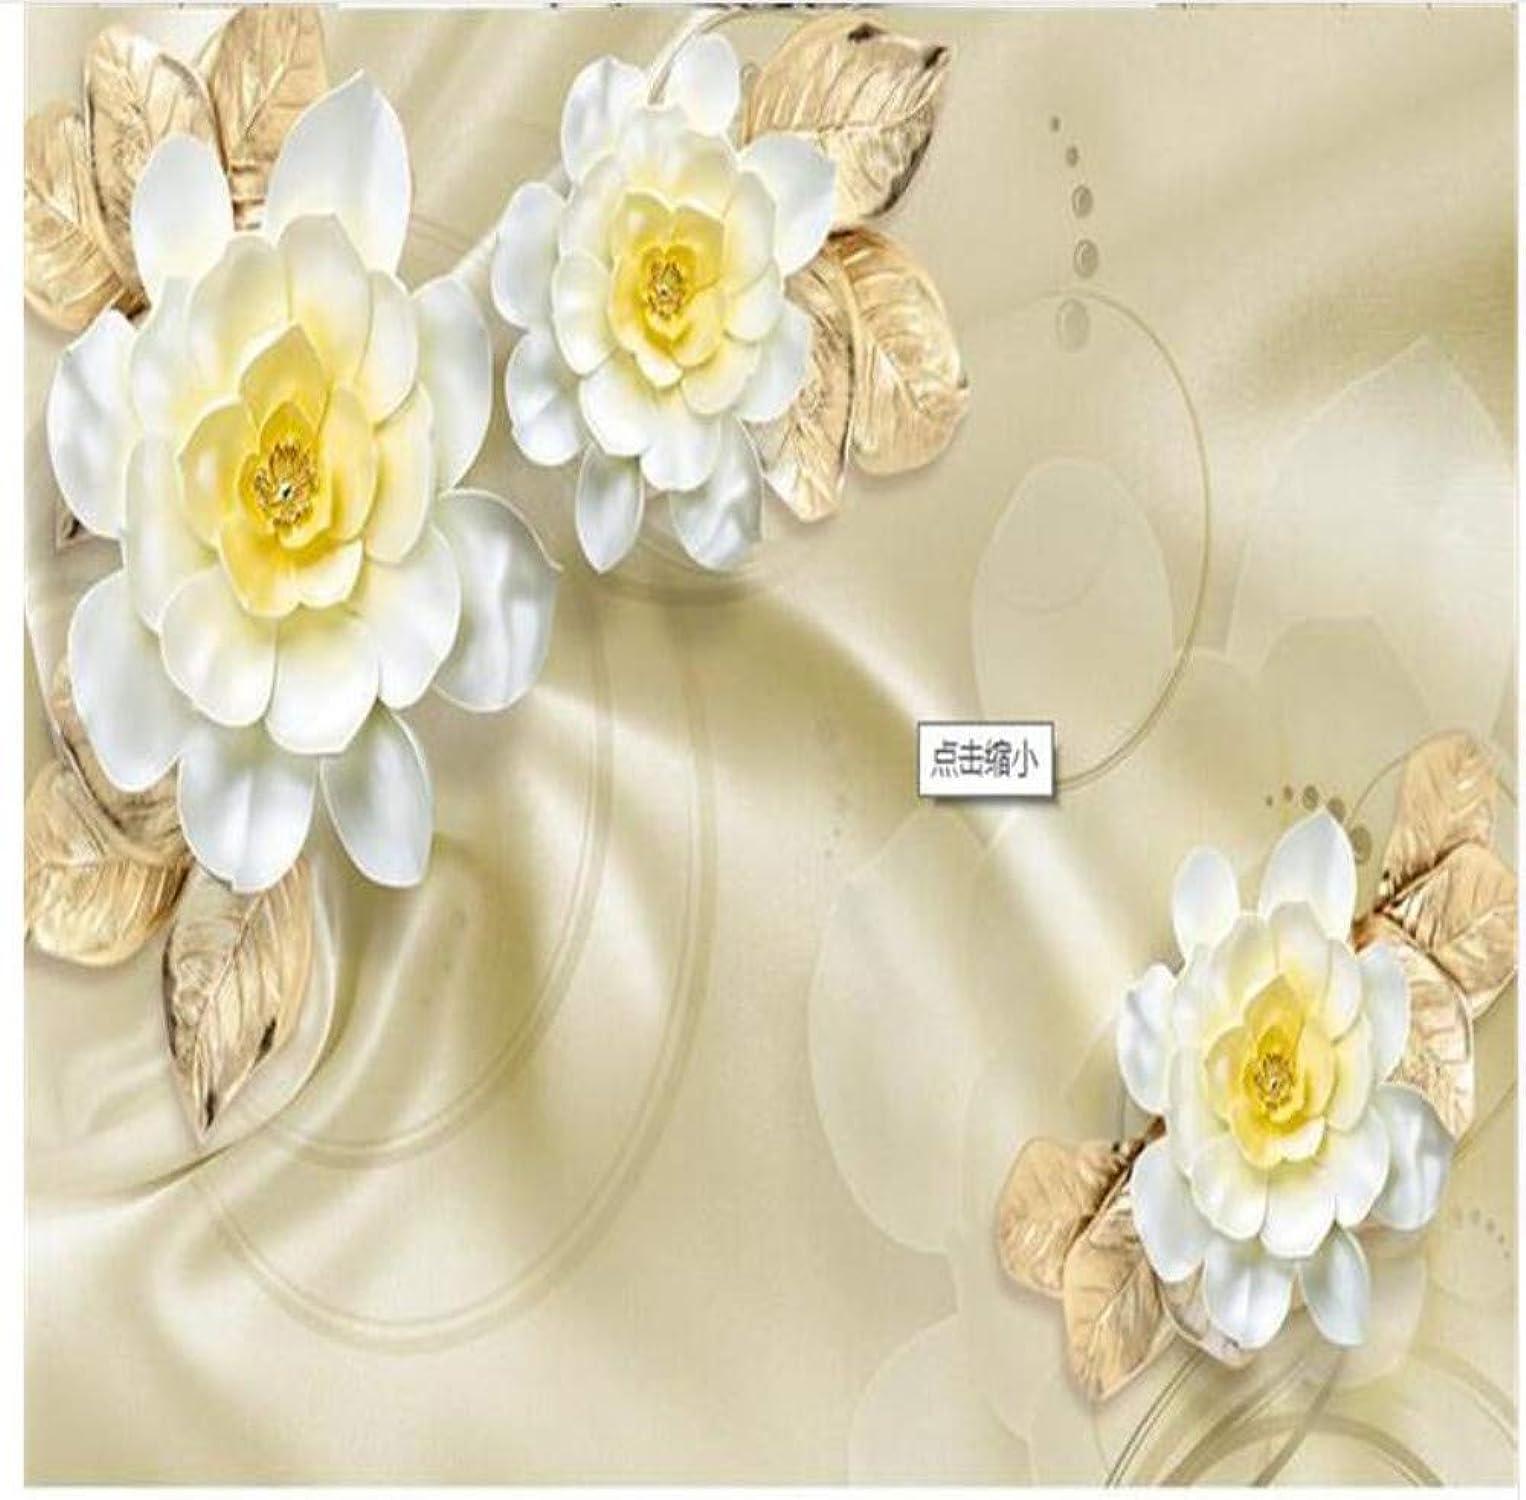 suministramos lo mejor Suuyar Flores blancoas De Seda Arte Moderno Moderno Moderno Papel No Tejido Papel Tapiz 3D Tv Contratado Grandes Murales De Parojo Decoración Para El Hogar, 200Cm (W) X 100Cm  descuentos y mas